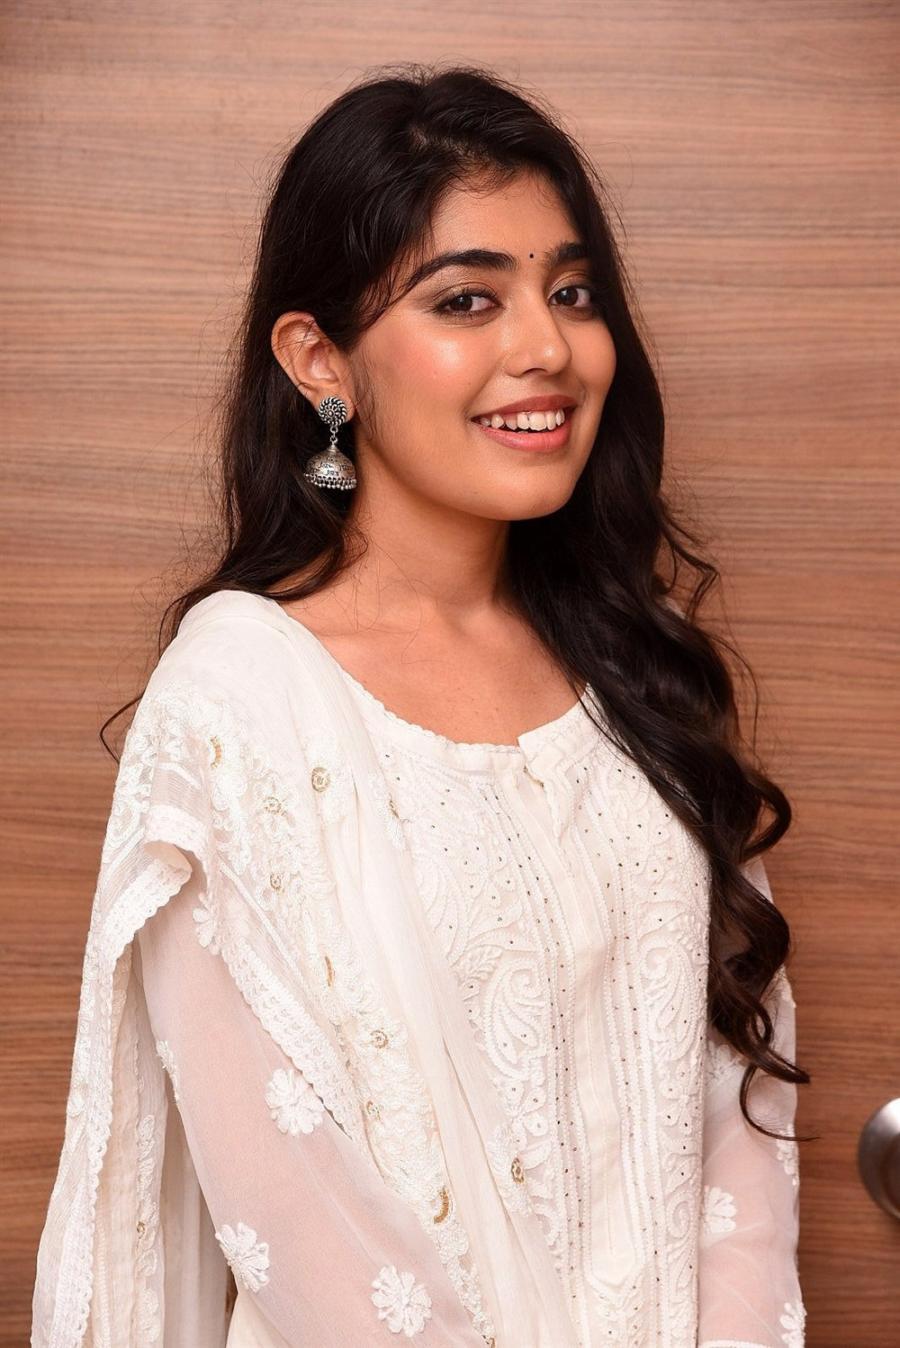 South Indian Girl Gargeyi Yellapragada Smiling Face In White Dress